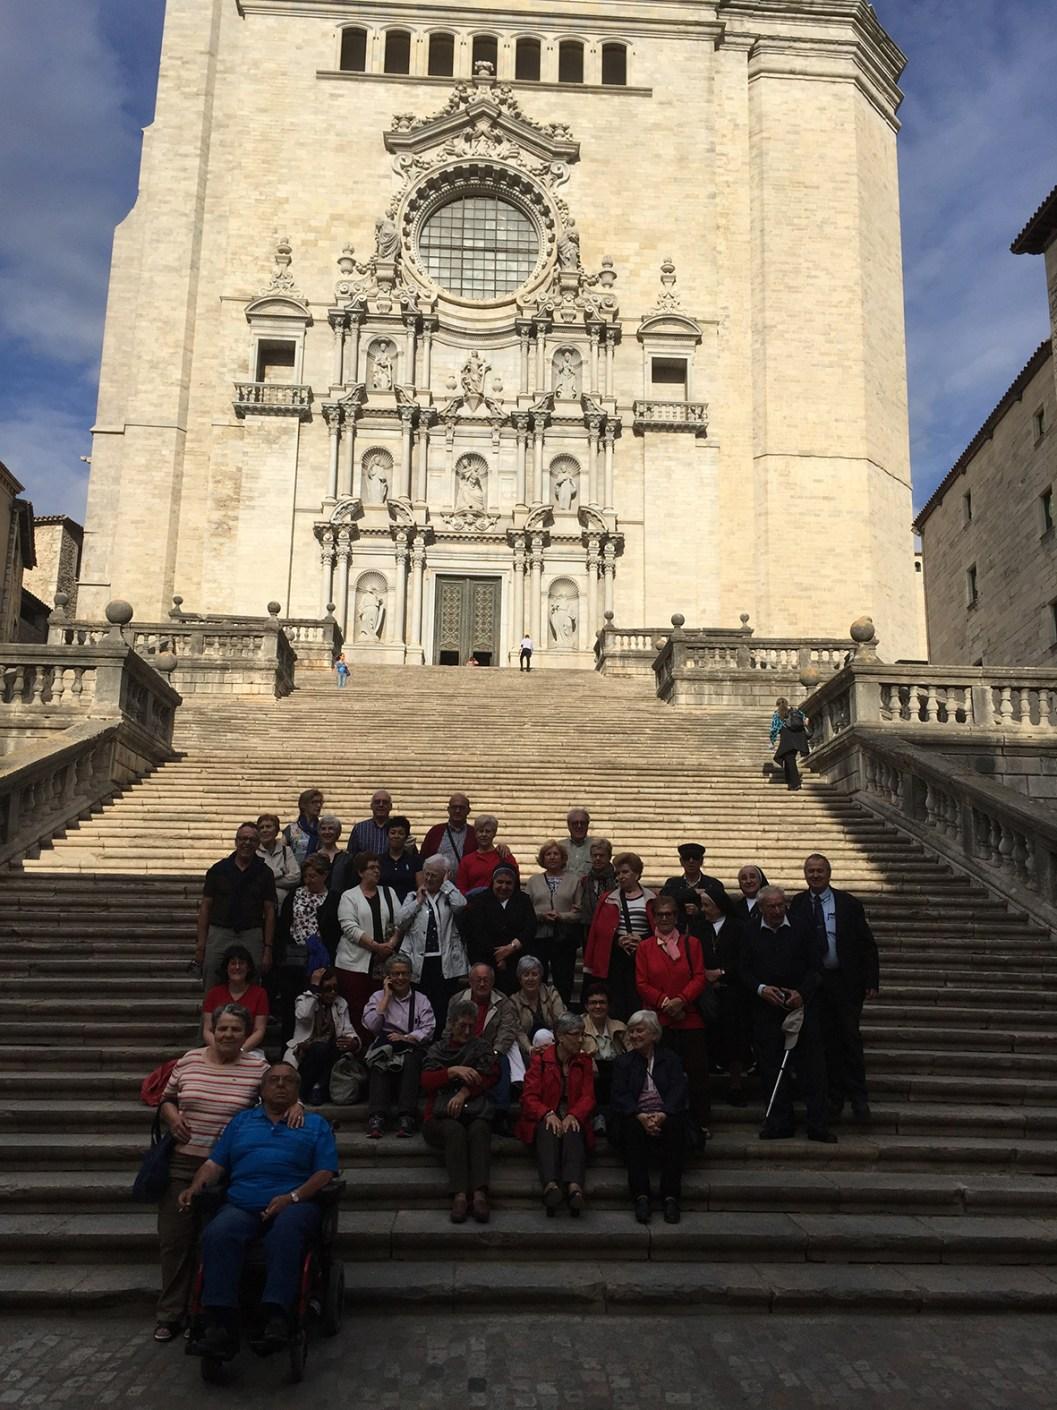 Grupo fachada catedral de Girona